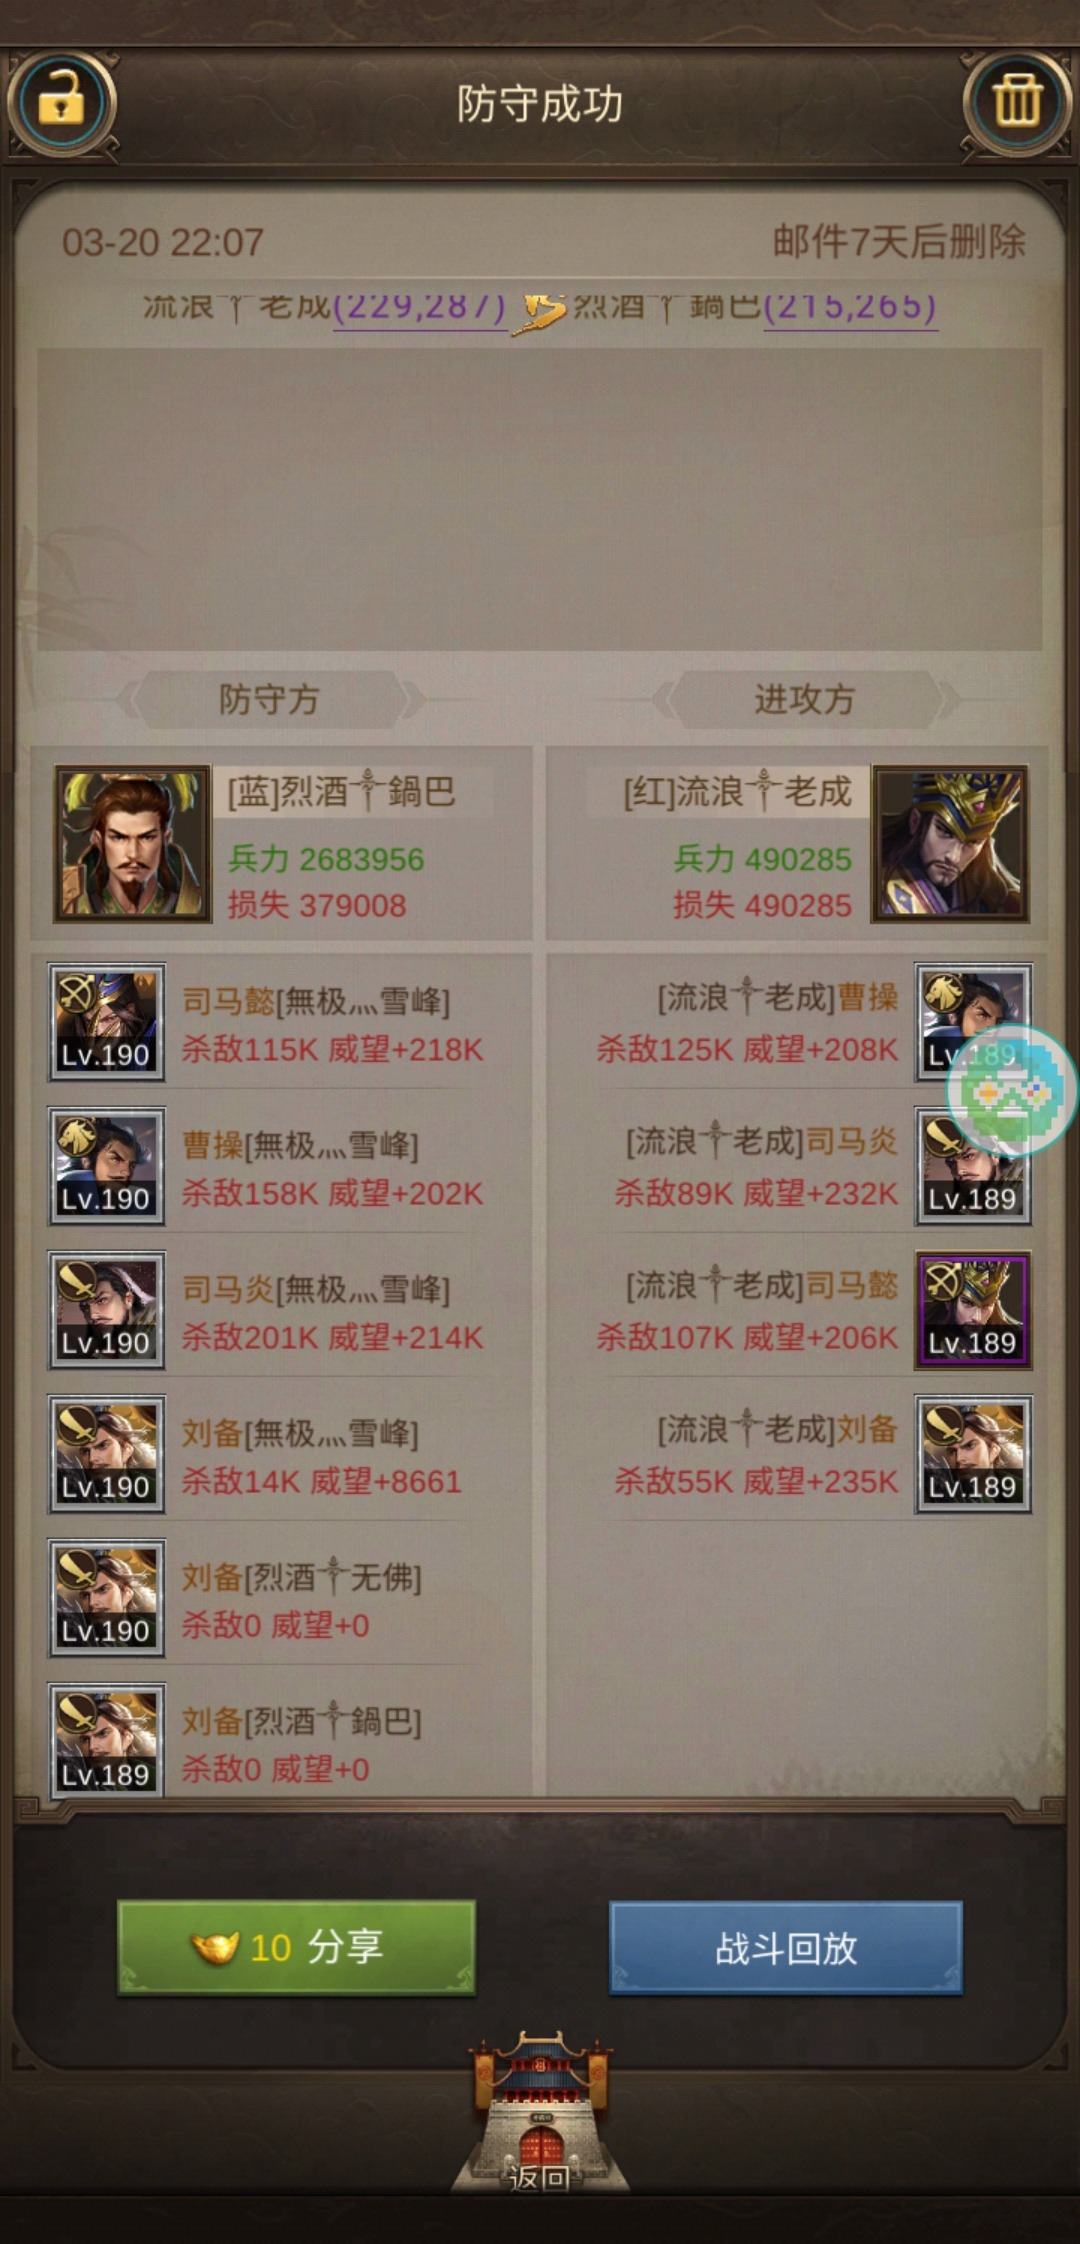 Screenshot_20210320_220728_com.jedigames.RXSG.caohua.jpg